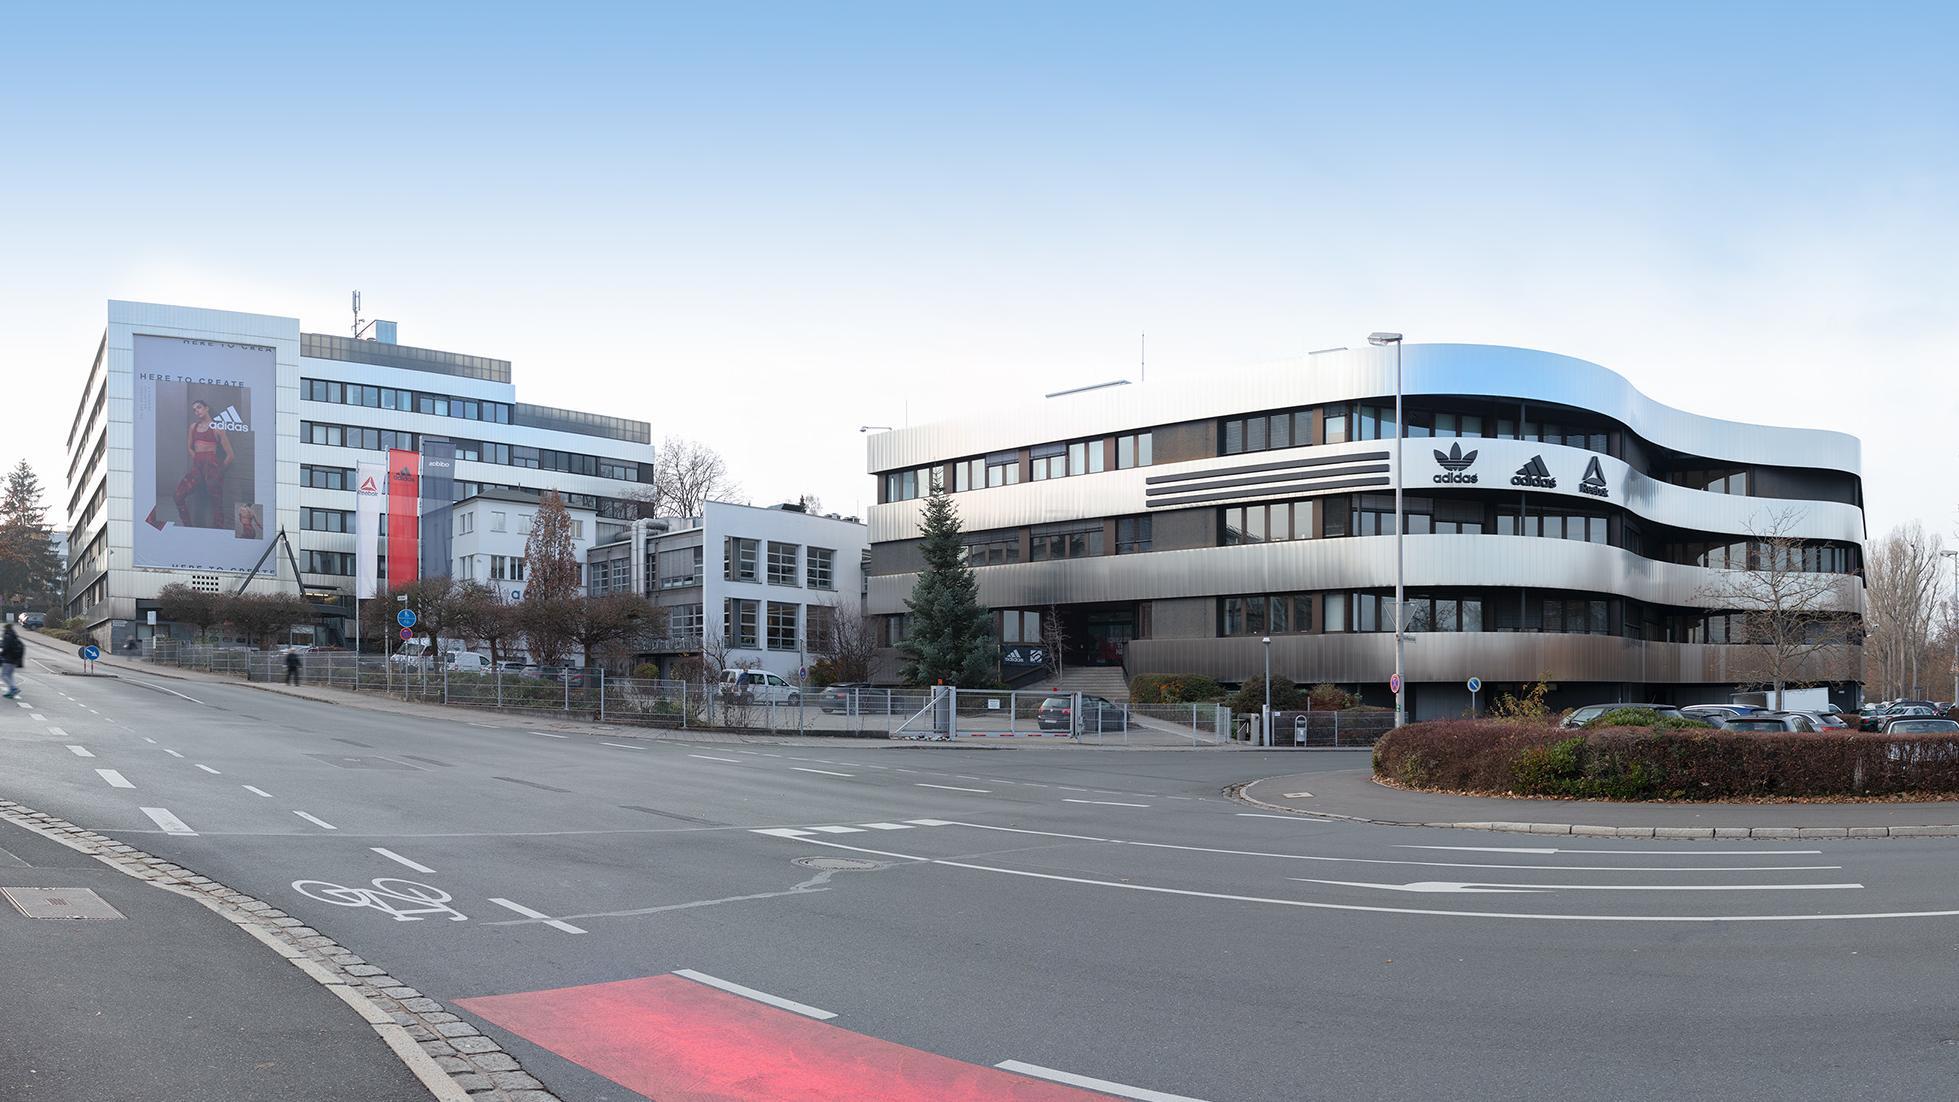 Bürogebäude am Adi-Dassler-Platz in Herzogenaurach